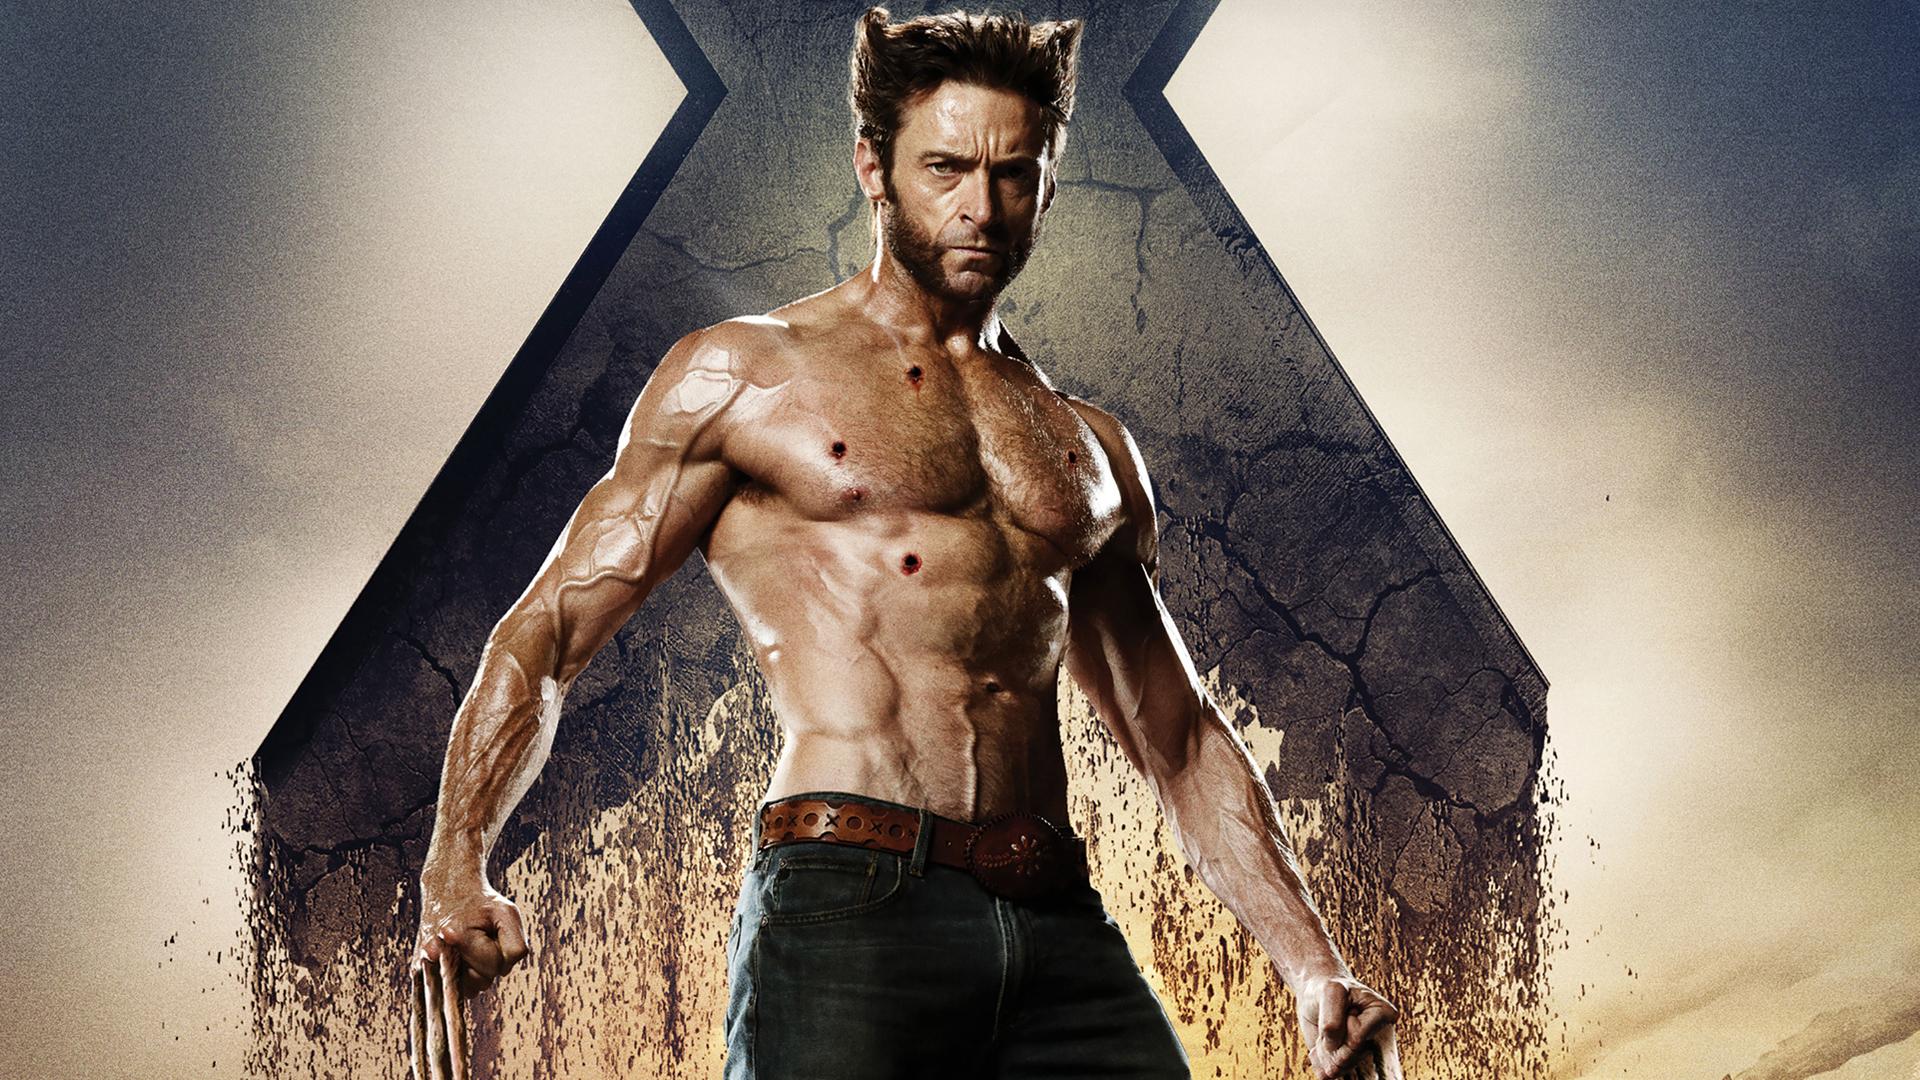 Wolverine X Men 2014 Movie Wallpaper HD 1920x1080